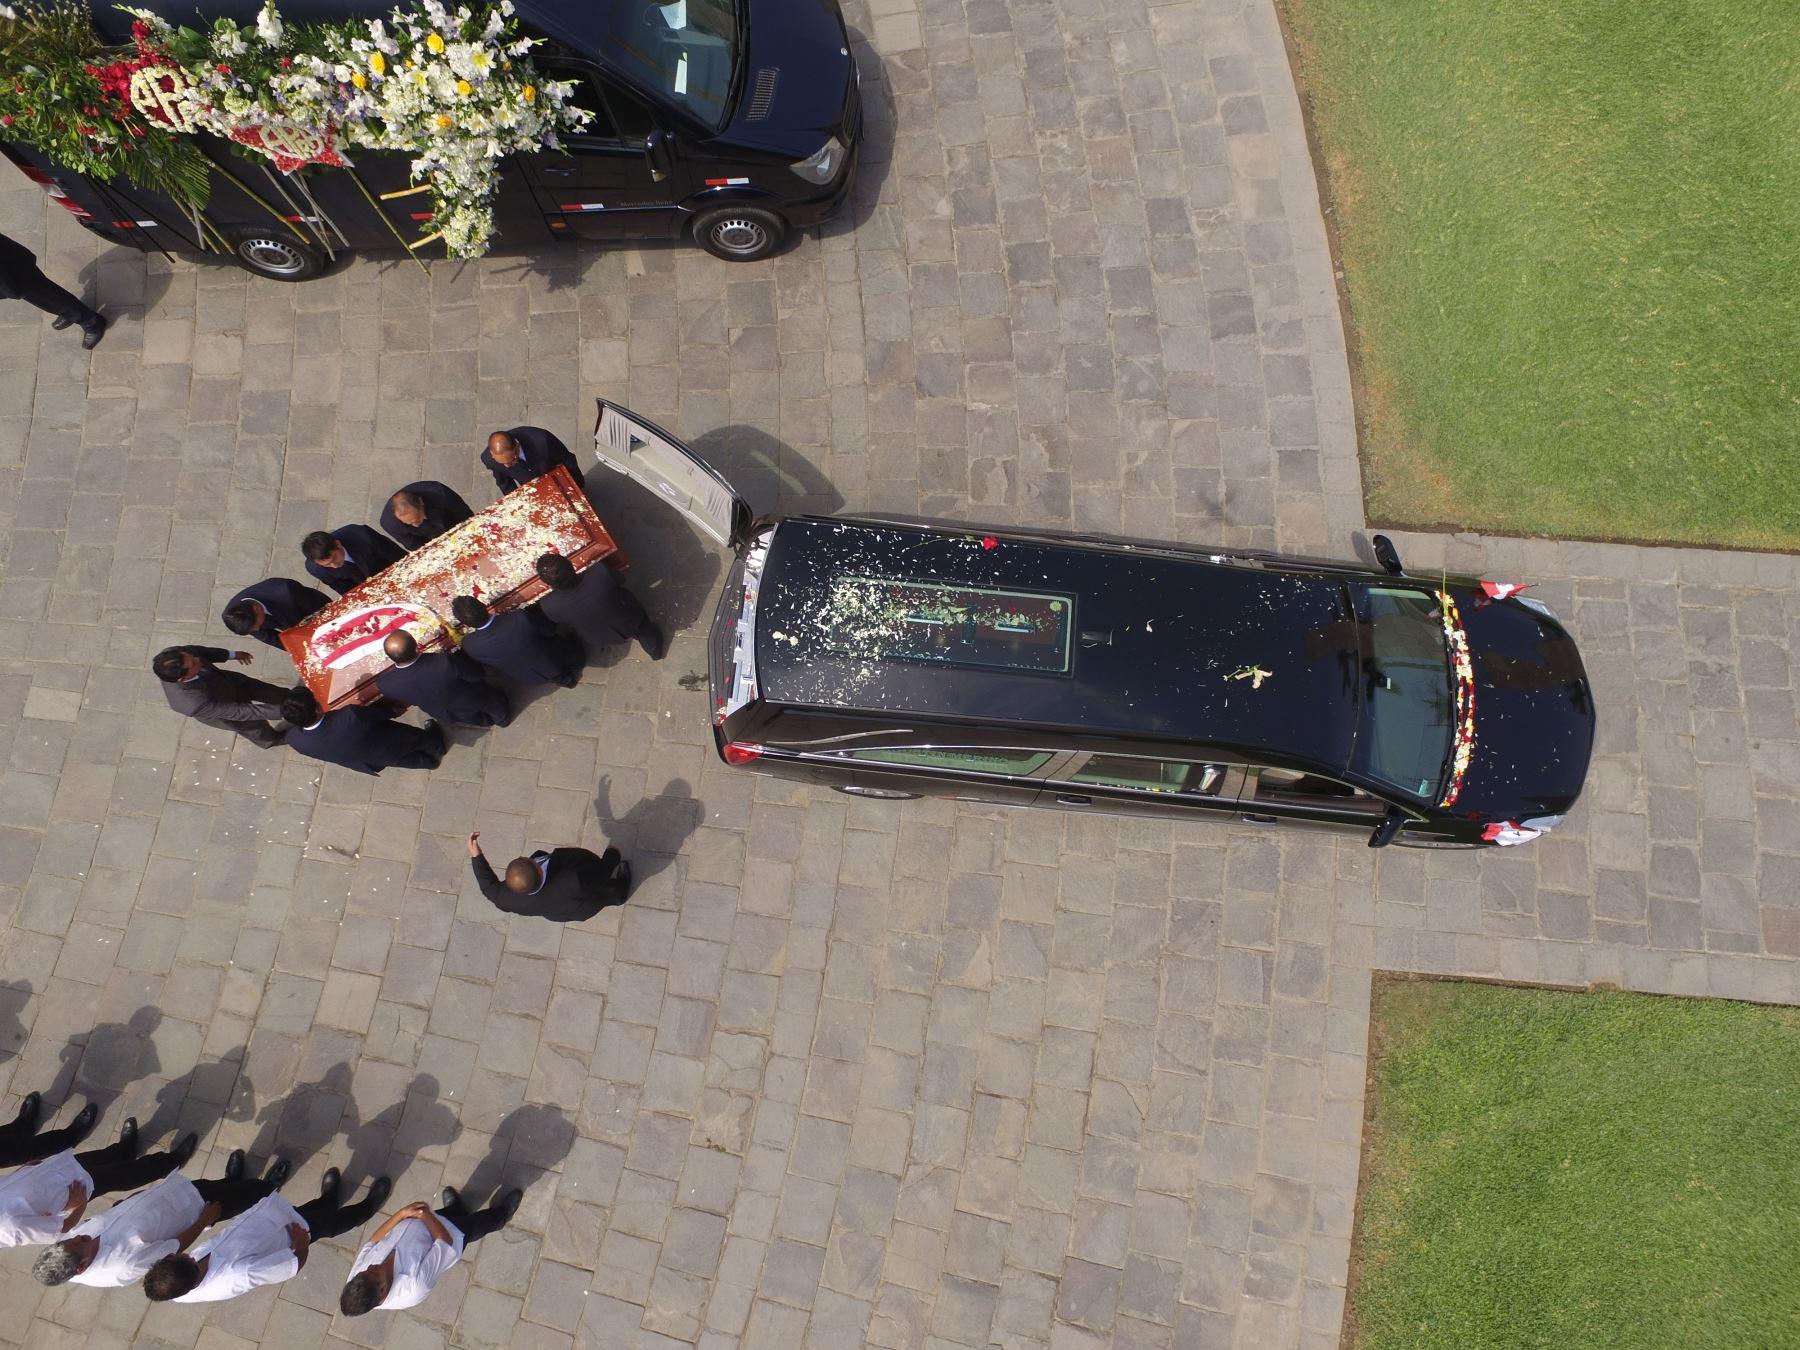 Familiares, militantes del Apra y amistades despidieron al expresidente Alan García Pérez minutos antes de la ceremonia de cremación que se lleva a cabo en el camposanto Mapre de Huachipa  Foto: ANDINA/Daniel Bracamonte